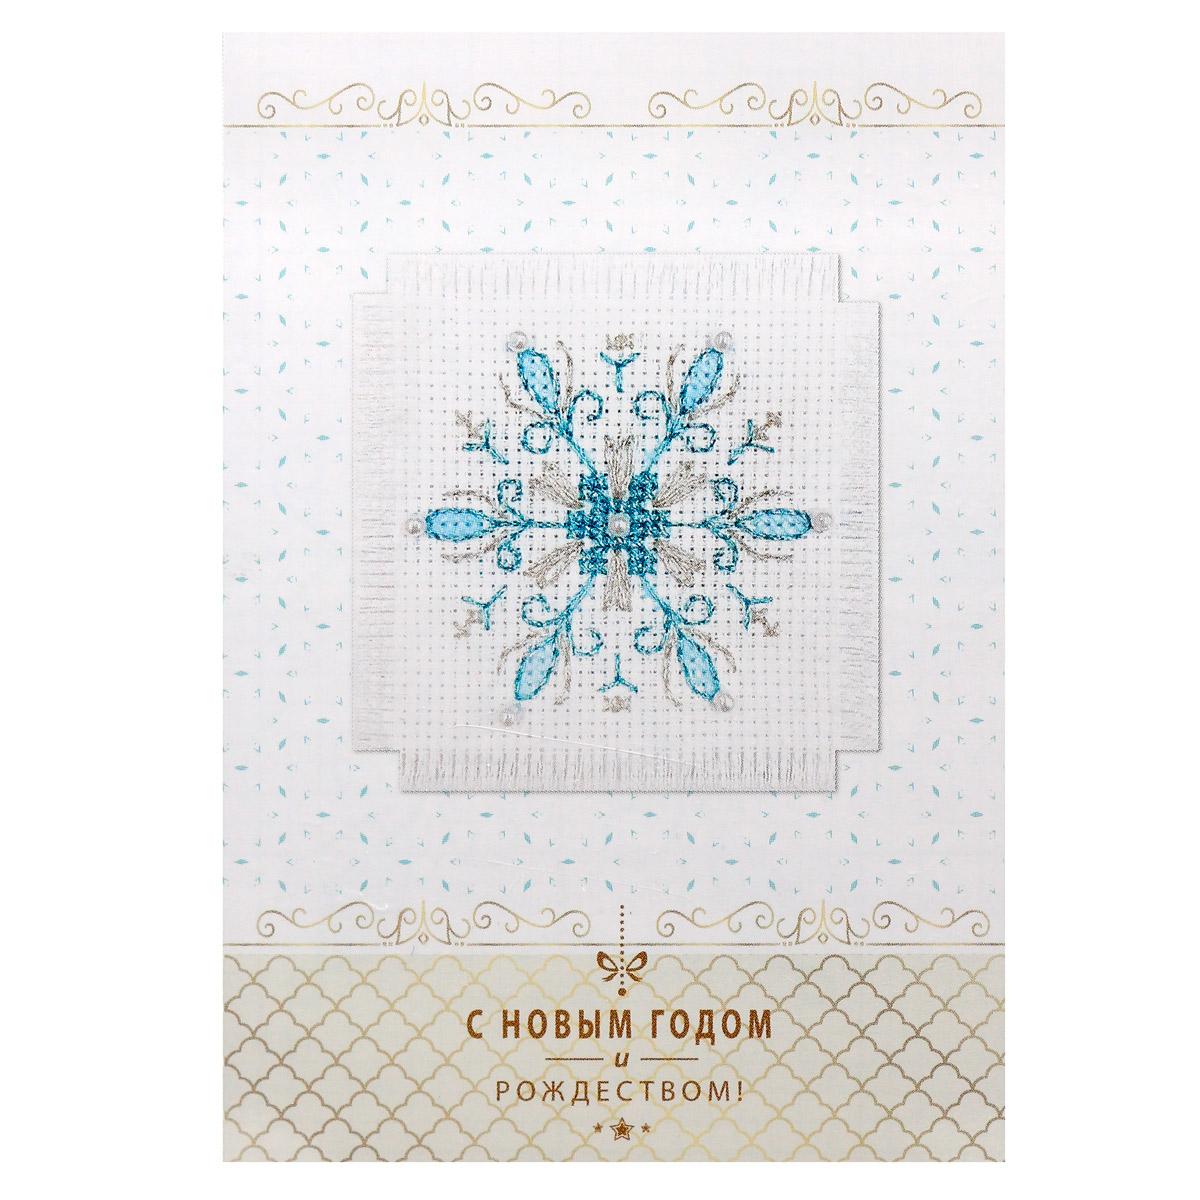 7-08 Набор для изготовления открытки с вышивкой АЛИСА 'Снежинка' 5,7*5,7см